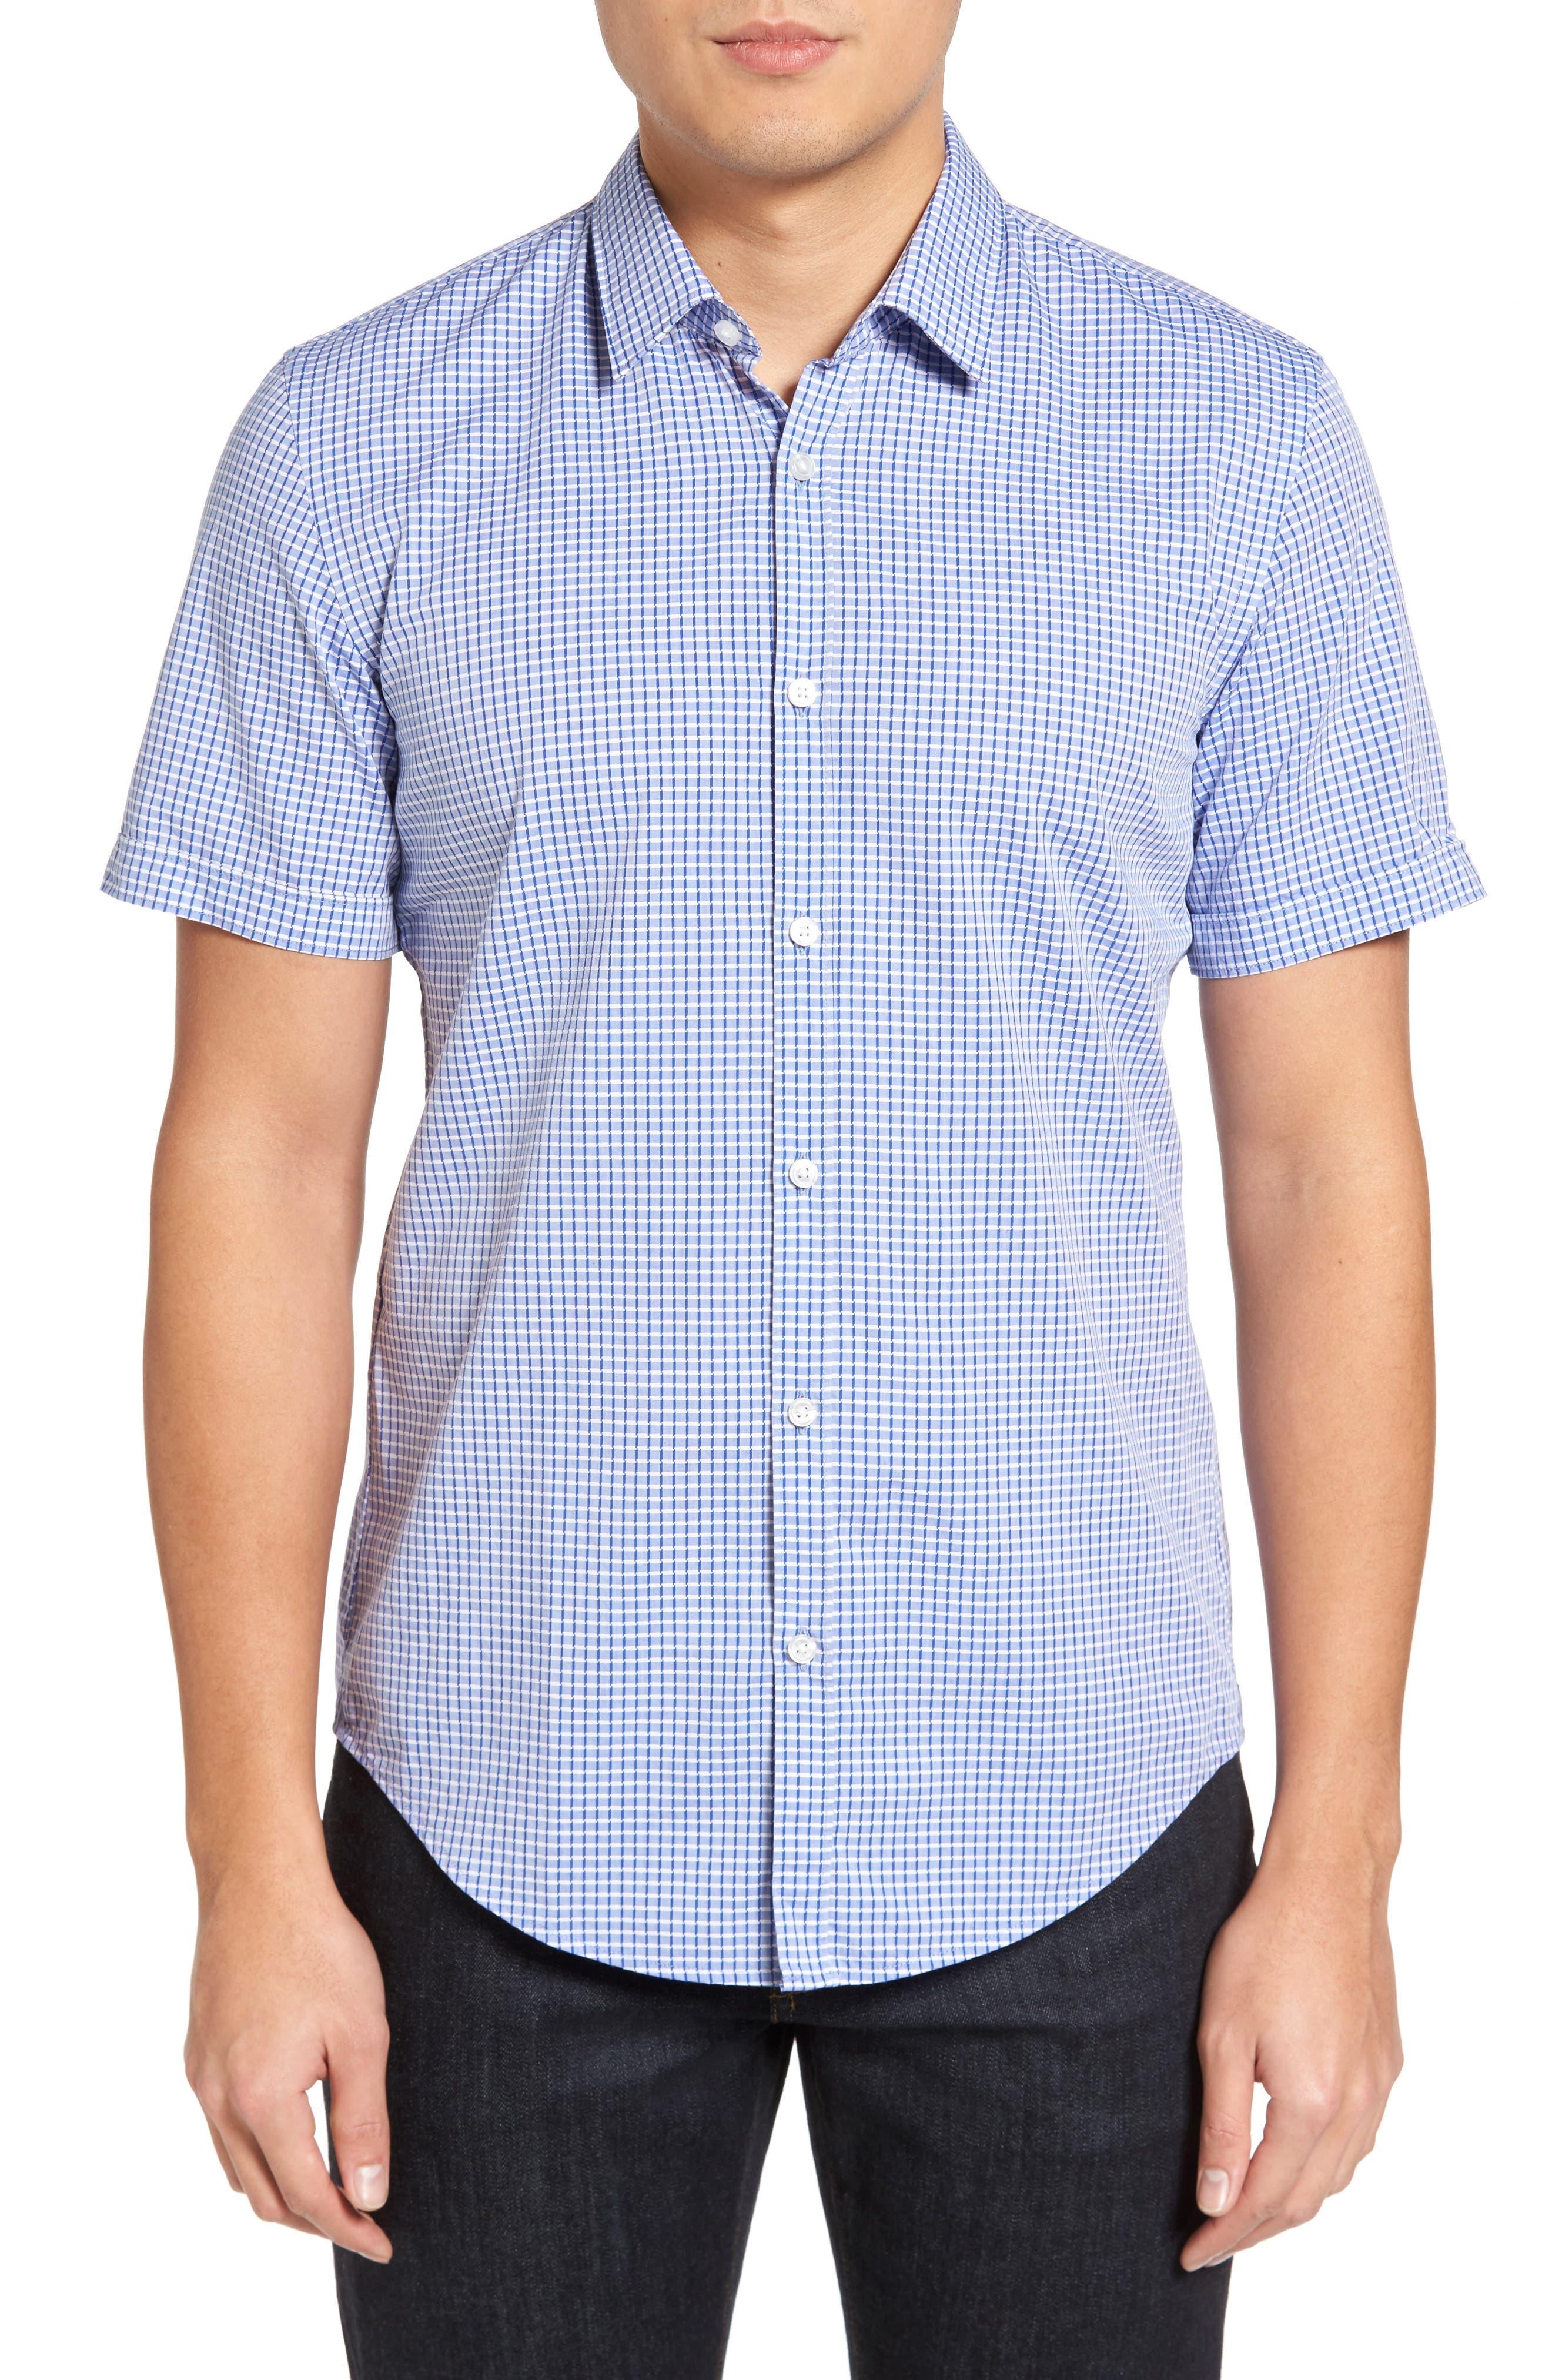 Alternate Image 1 Selected - BOSS Ronn Check Sport Shirt